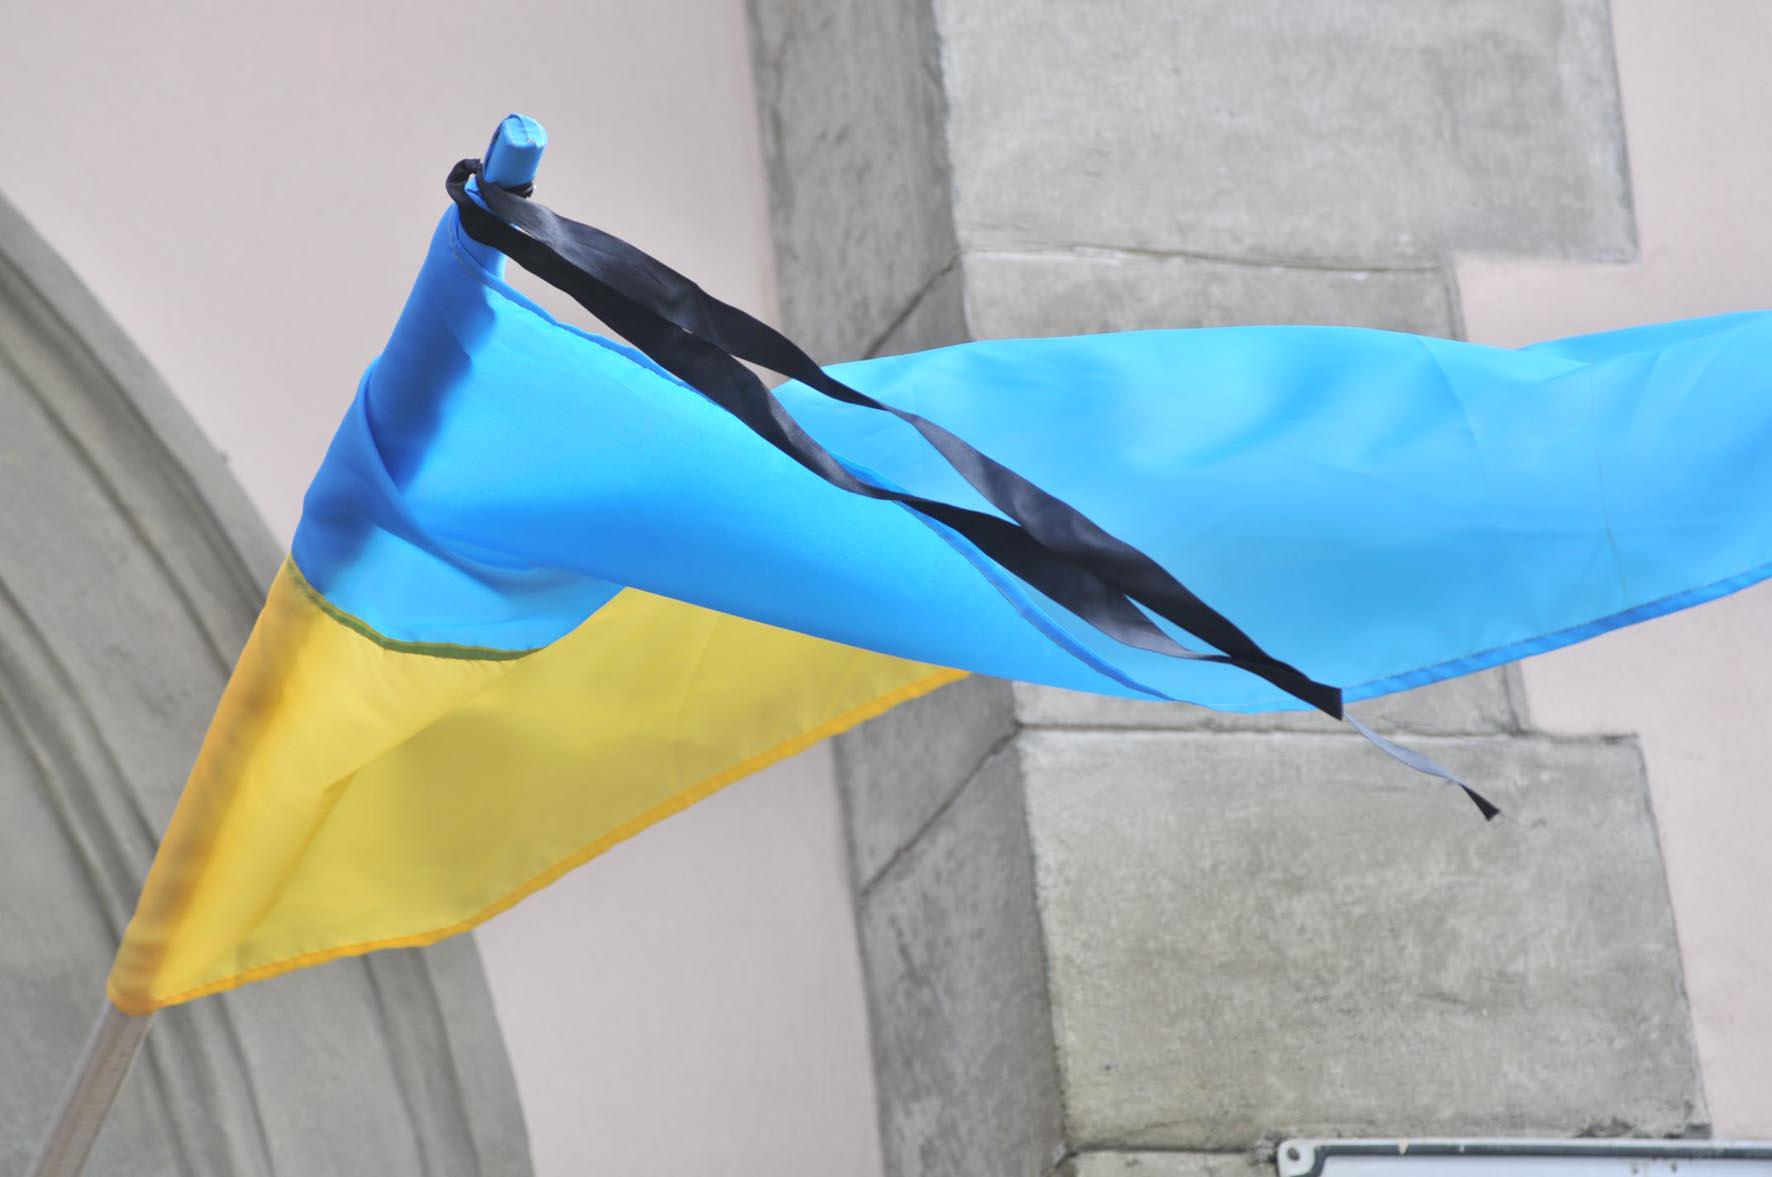 ВР сделала выходным День защитника Украины 14 октября - Цензор.НЕТ 7131